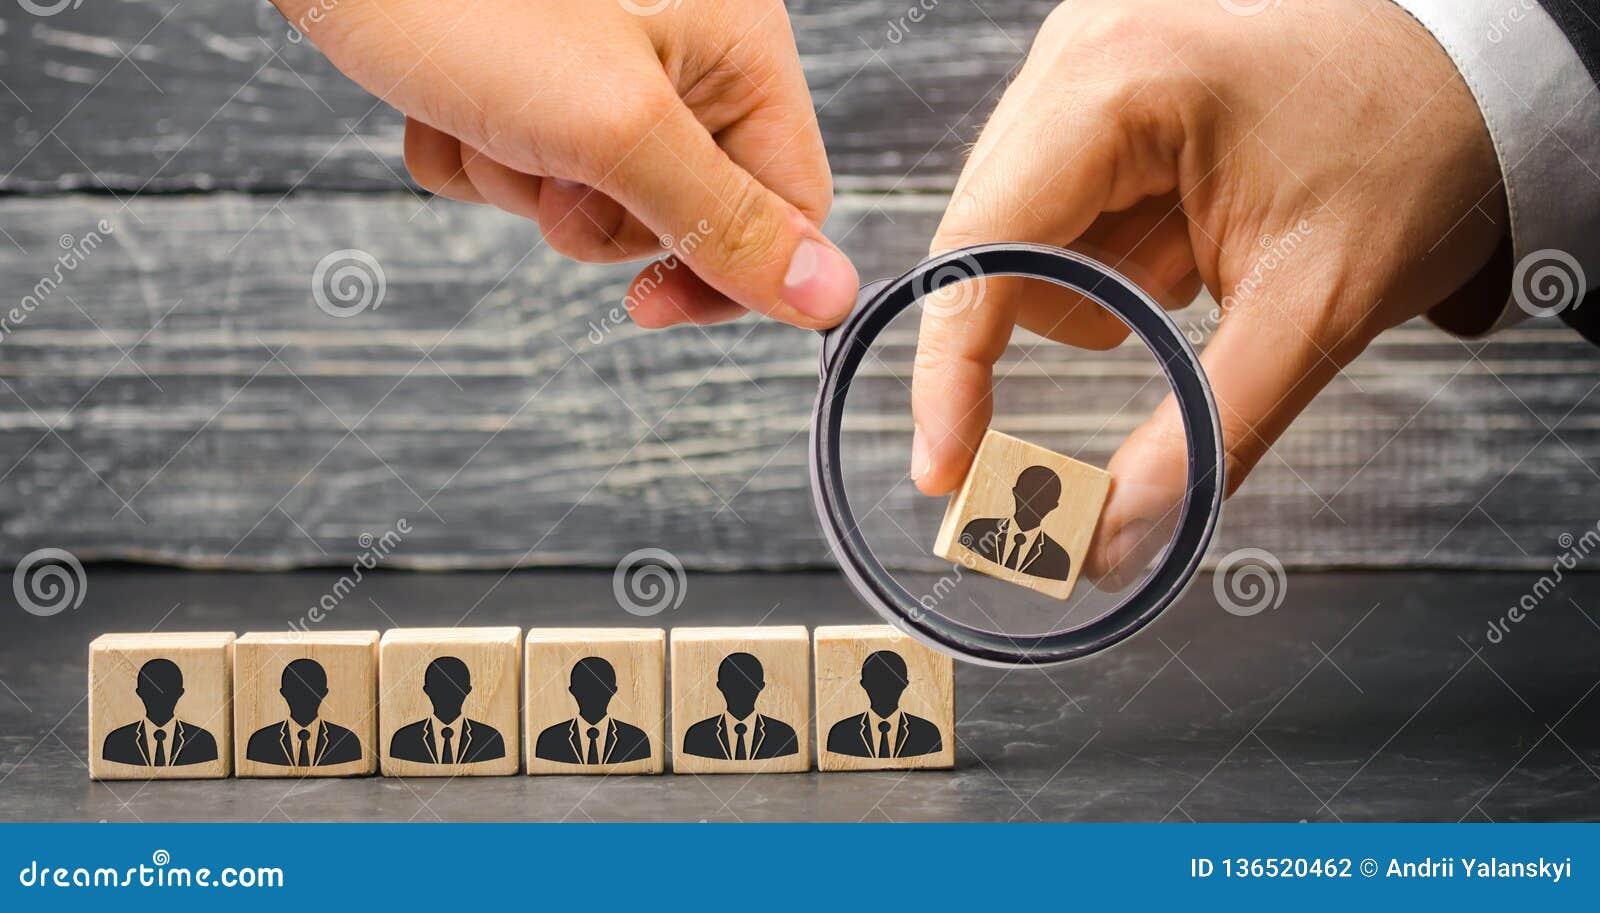 Der Führer errichtet Team von den Würfeln mit Angestellten Geschäftsmann auf der Suche nach neuen Angestellten und Spezialisten P